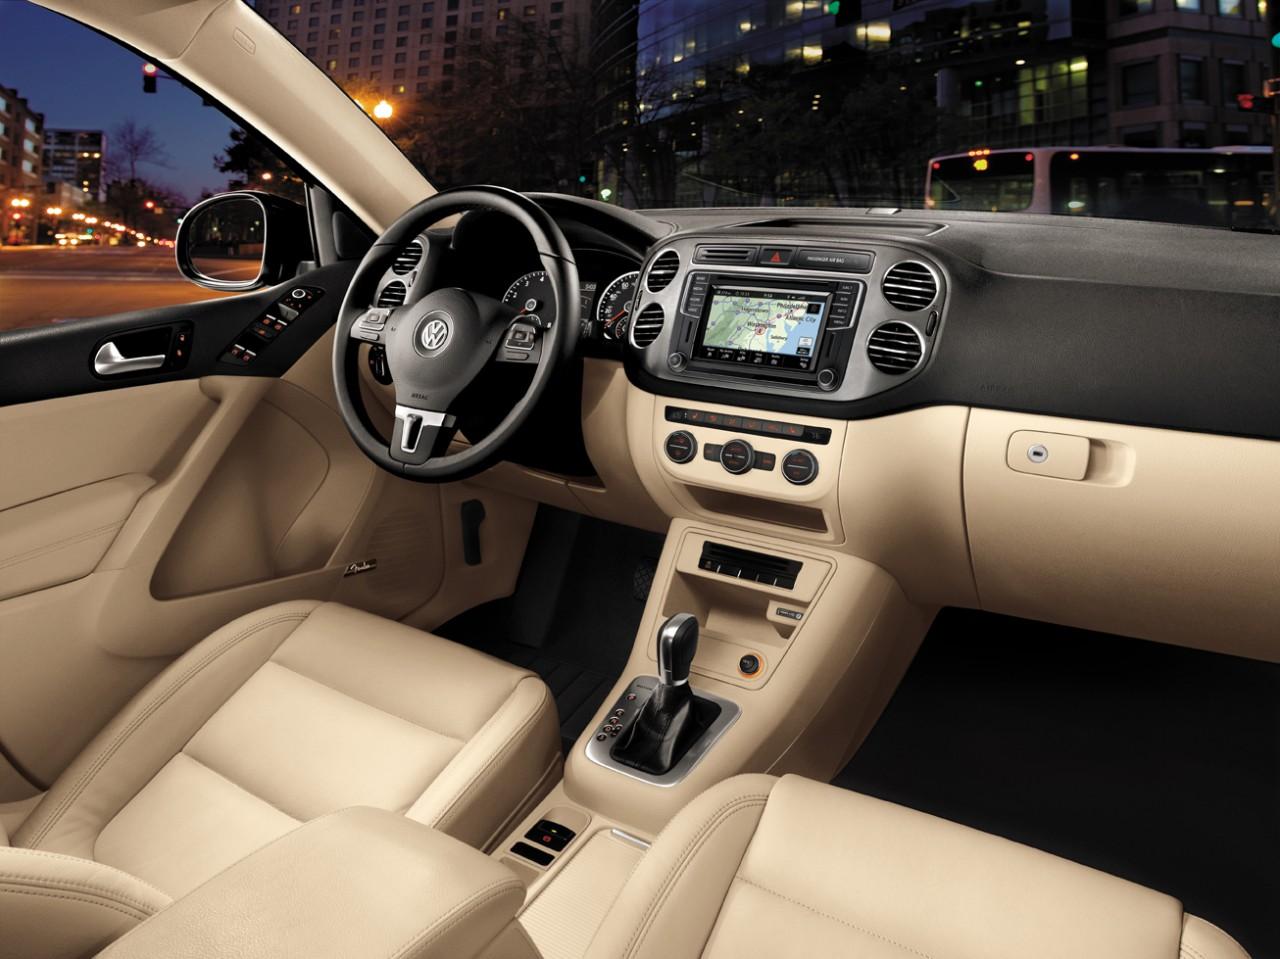 2017 Volkswagen Tiguan Front Interior.jpeg